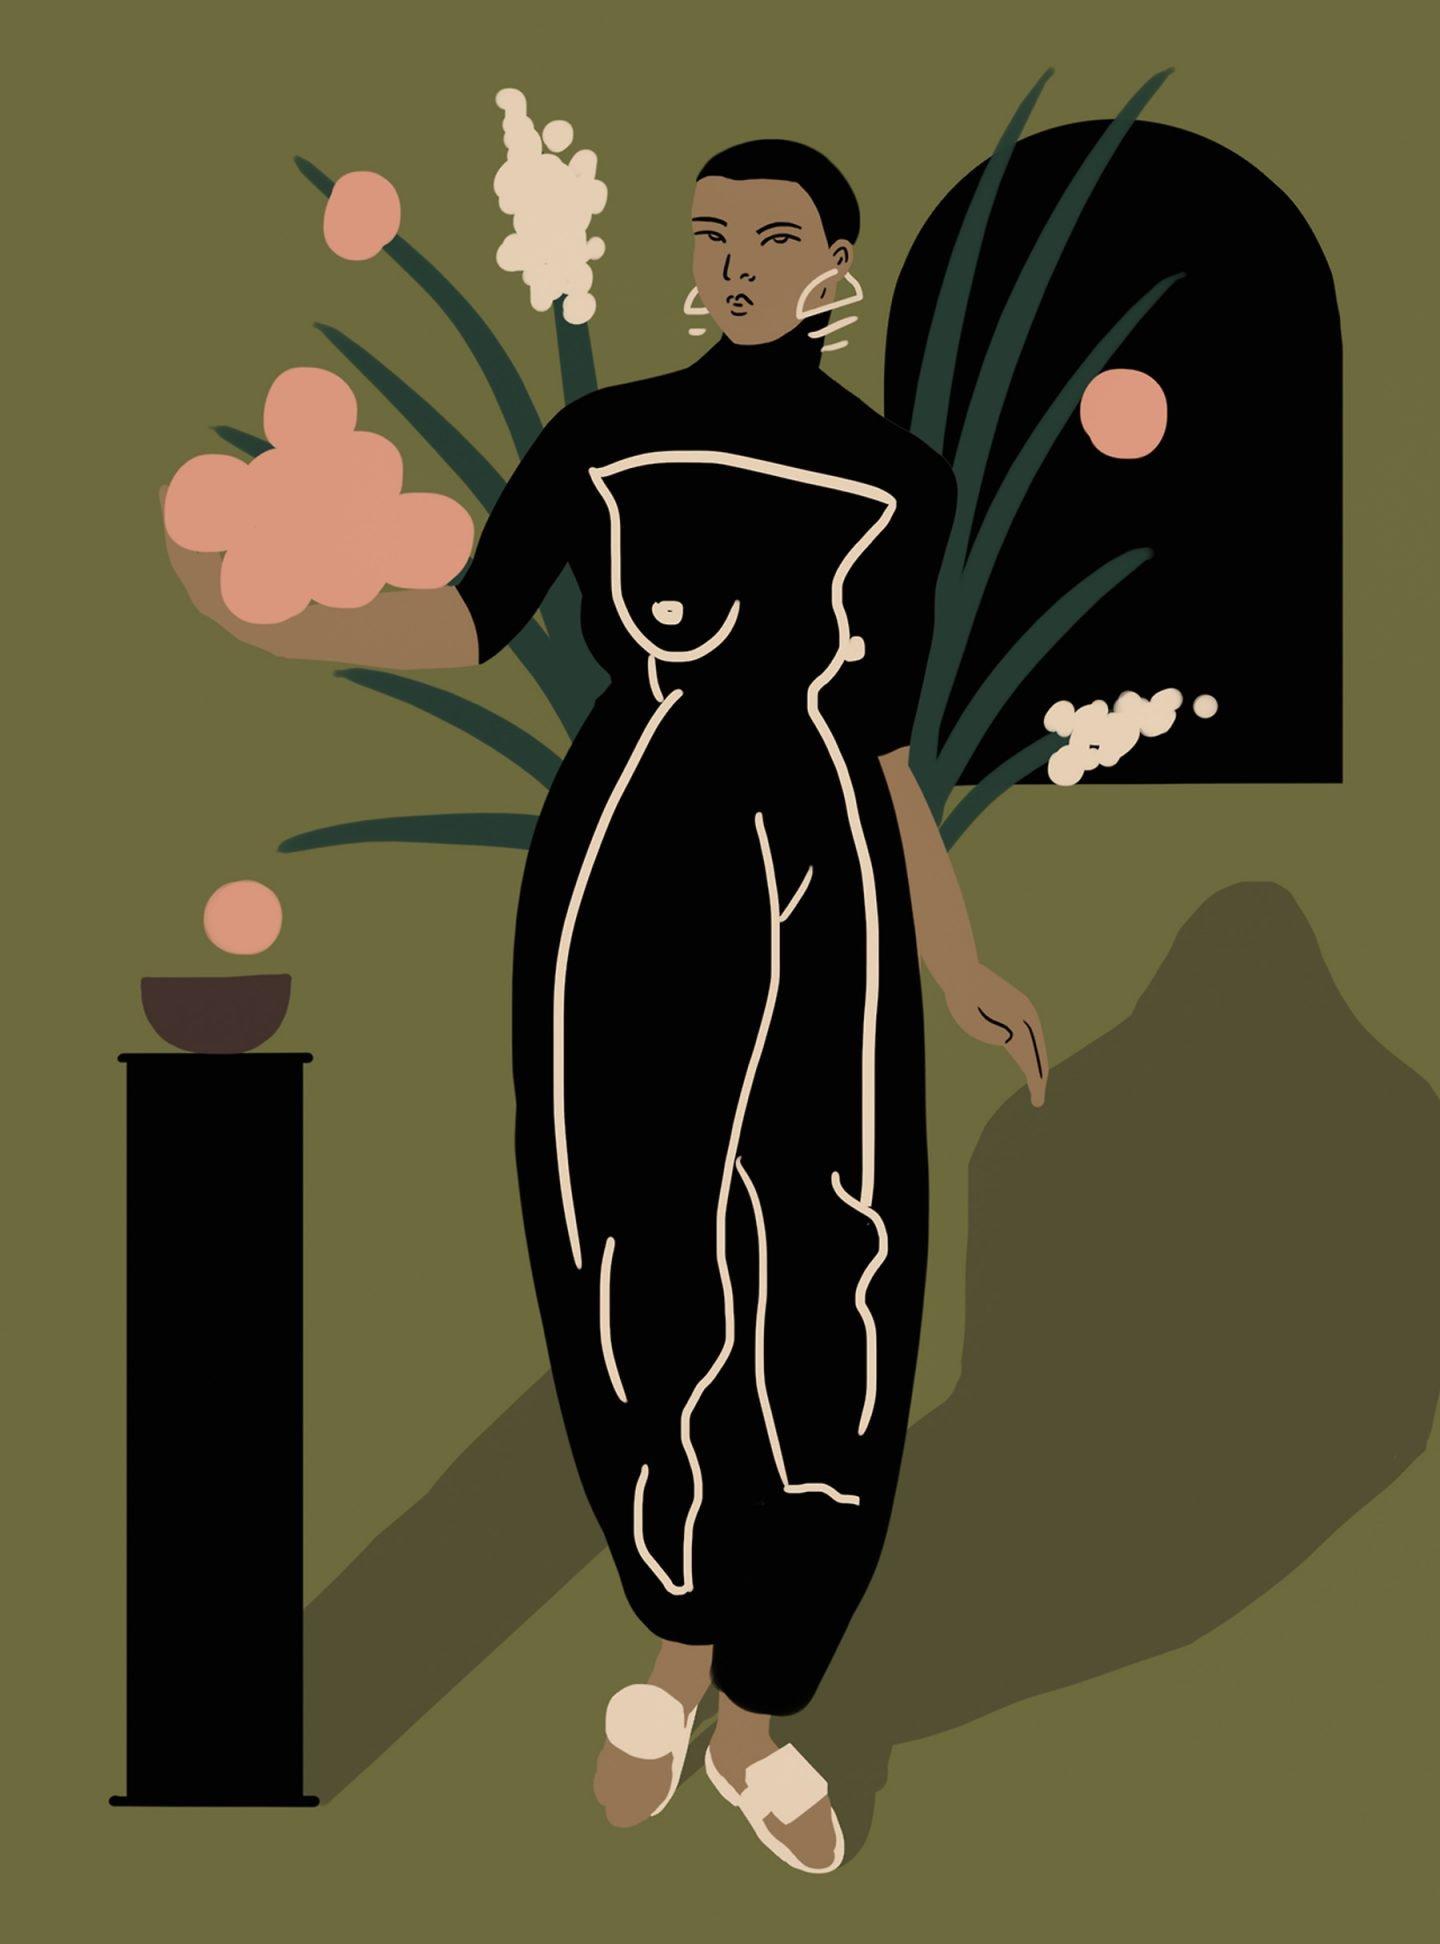 L'esplorazione della forma femminile dell'illustratrice Daiana Ruiz | Collater.al 11